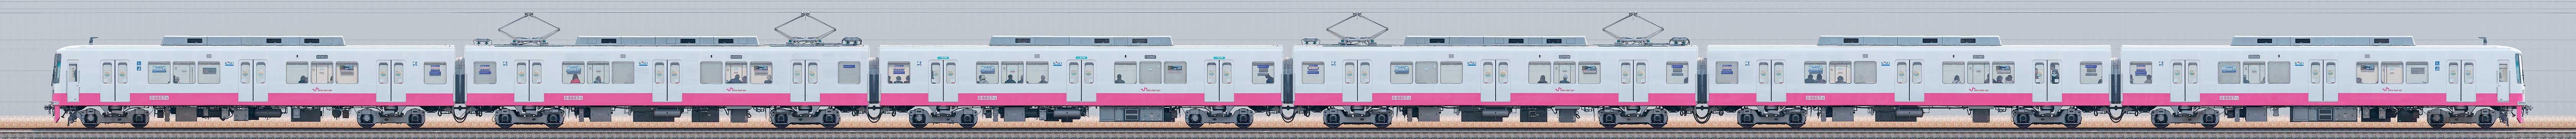 新京成8800形8807編成(機器更新・内装リニューアル車/海側)の編成サイドビュー